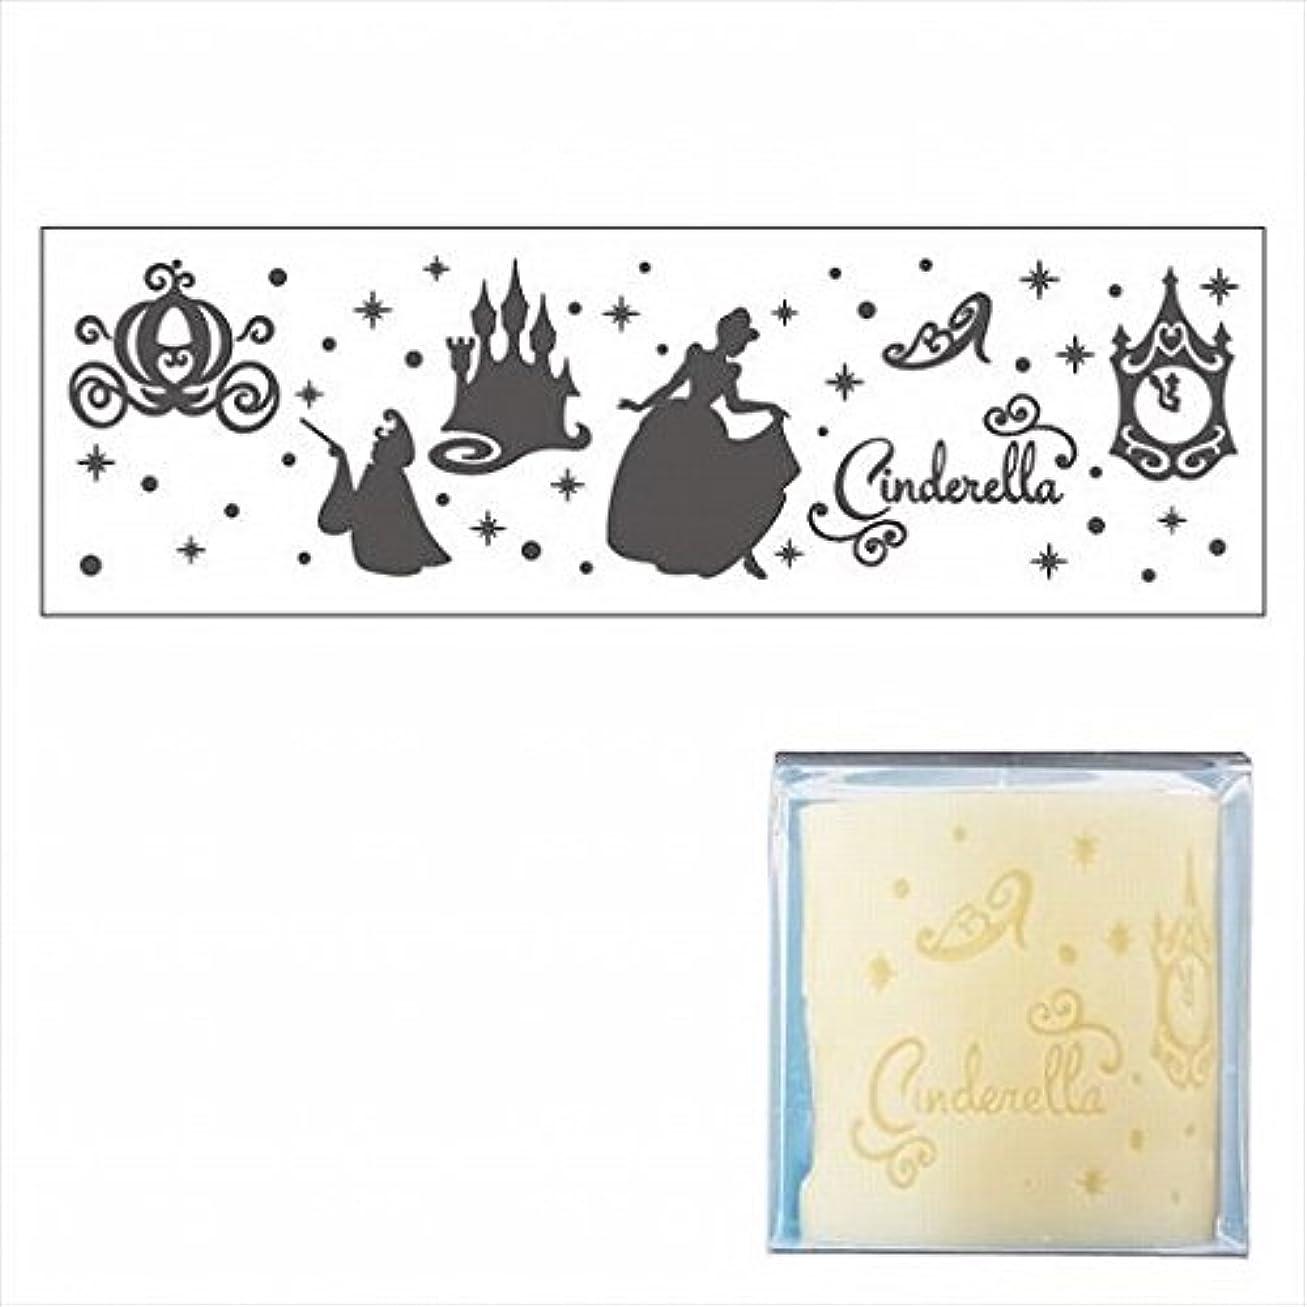 それら書く座るkameyama candle(カメヤマキャンドル) ディズニーLEDキャンドル 「 シンデレラ 」(A4320030)